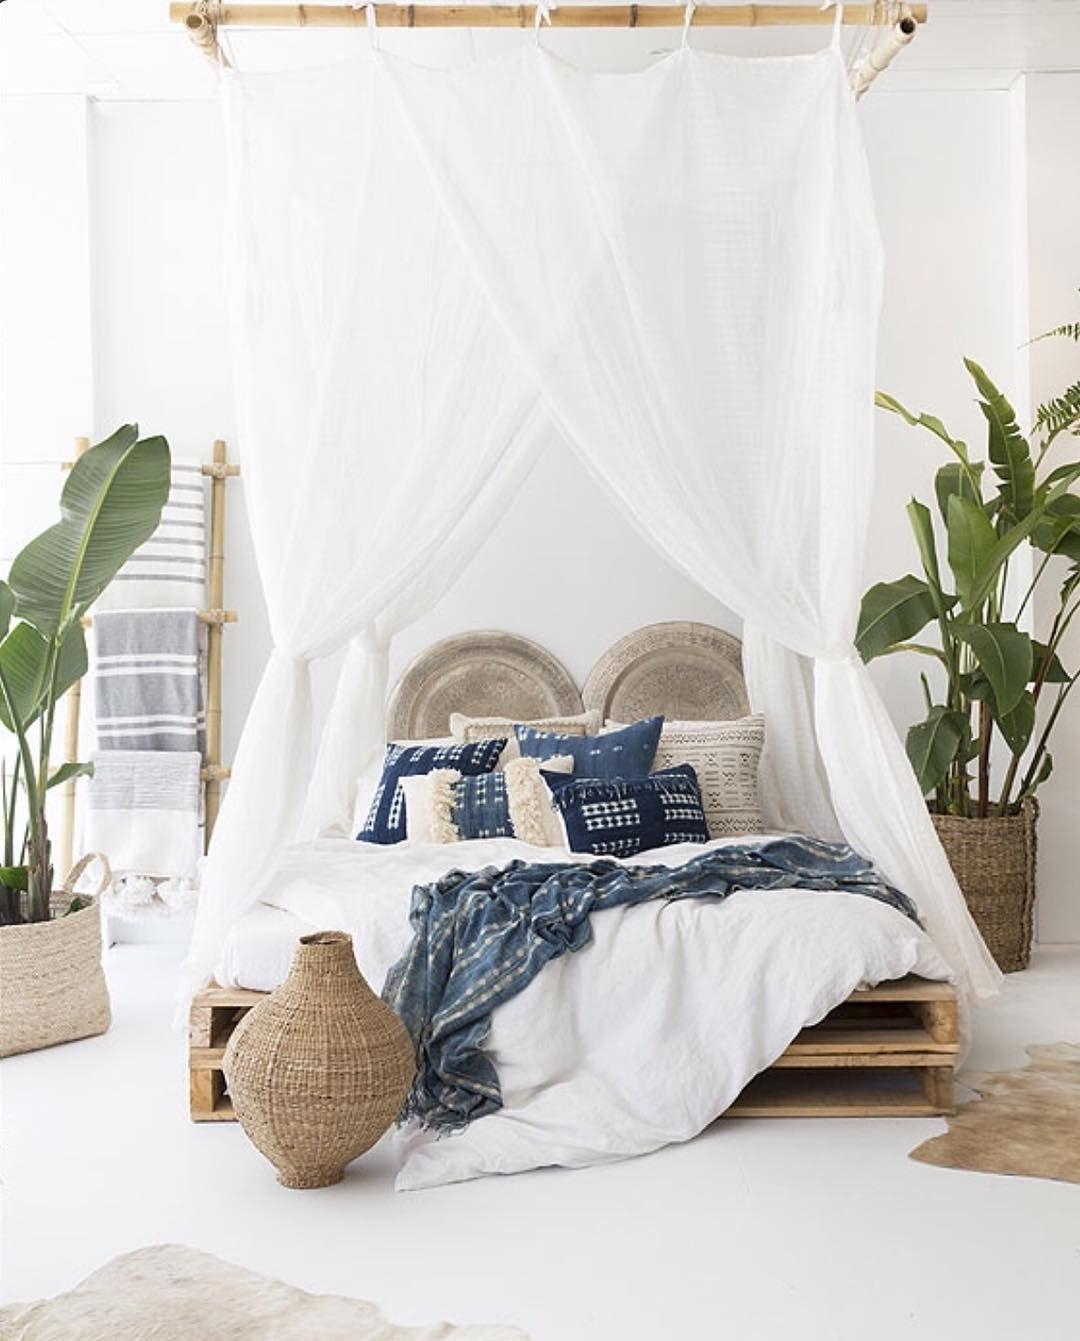 Melange De Bleu Beige Et Blanc Pour La Chambre Et Specialement Pour Le Lit Deco Chambre Deco Chambre Inspiration Chambre A Coucher